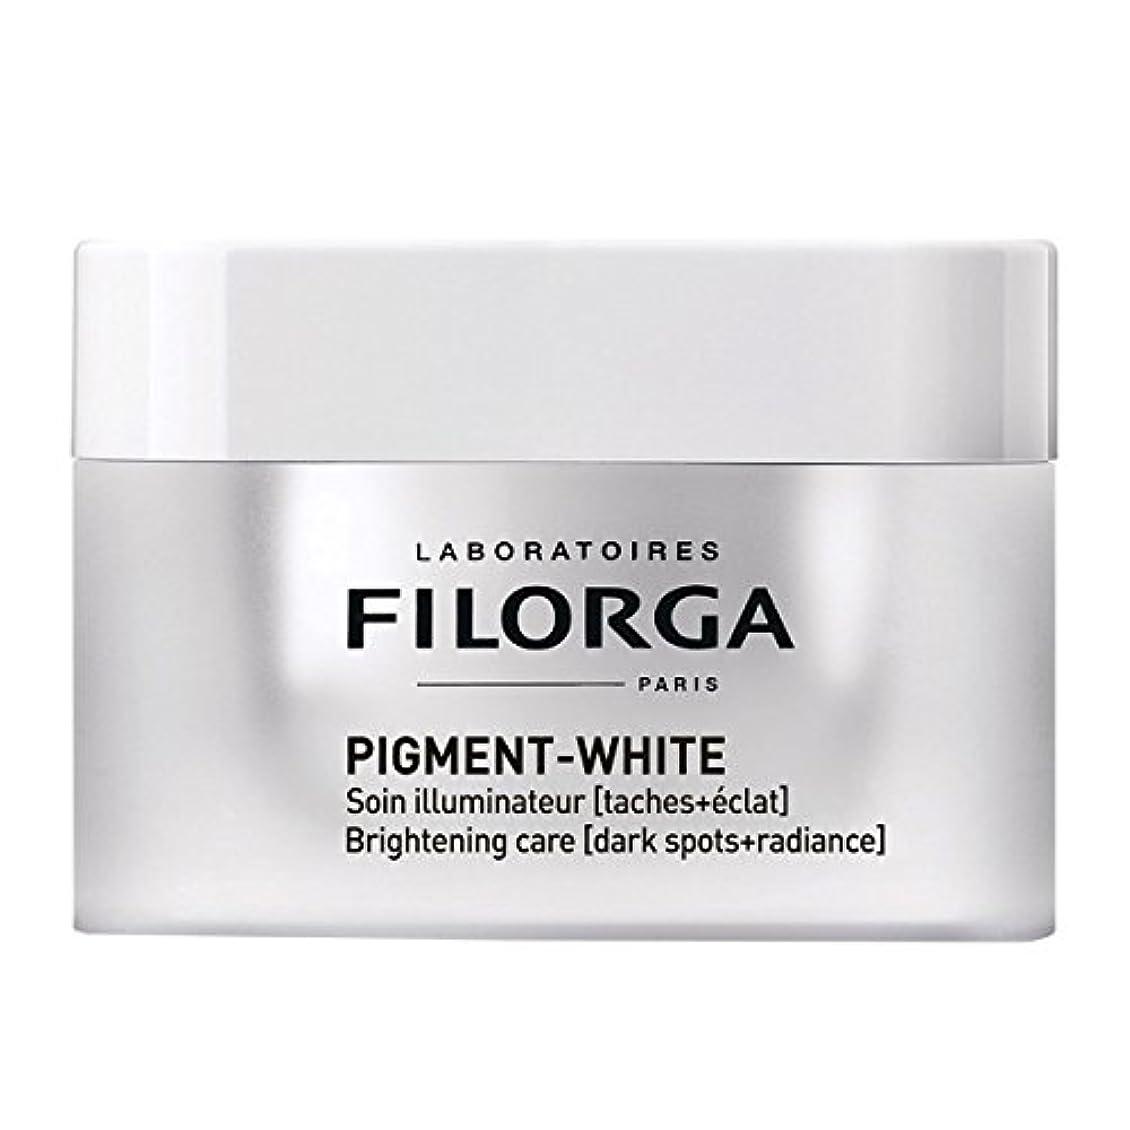 スロー一握り悪性のFilorga Pigment-white 50ml [並行輸入品]